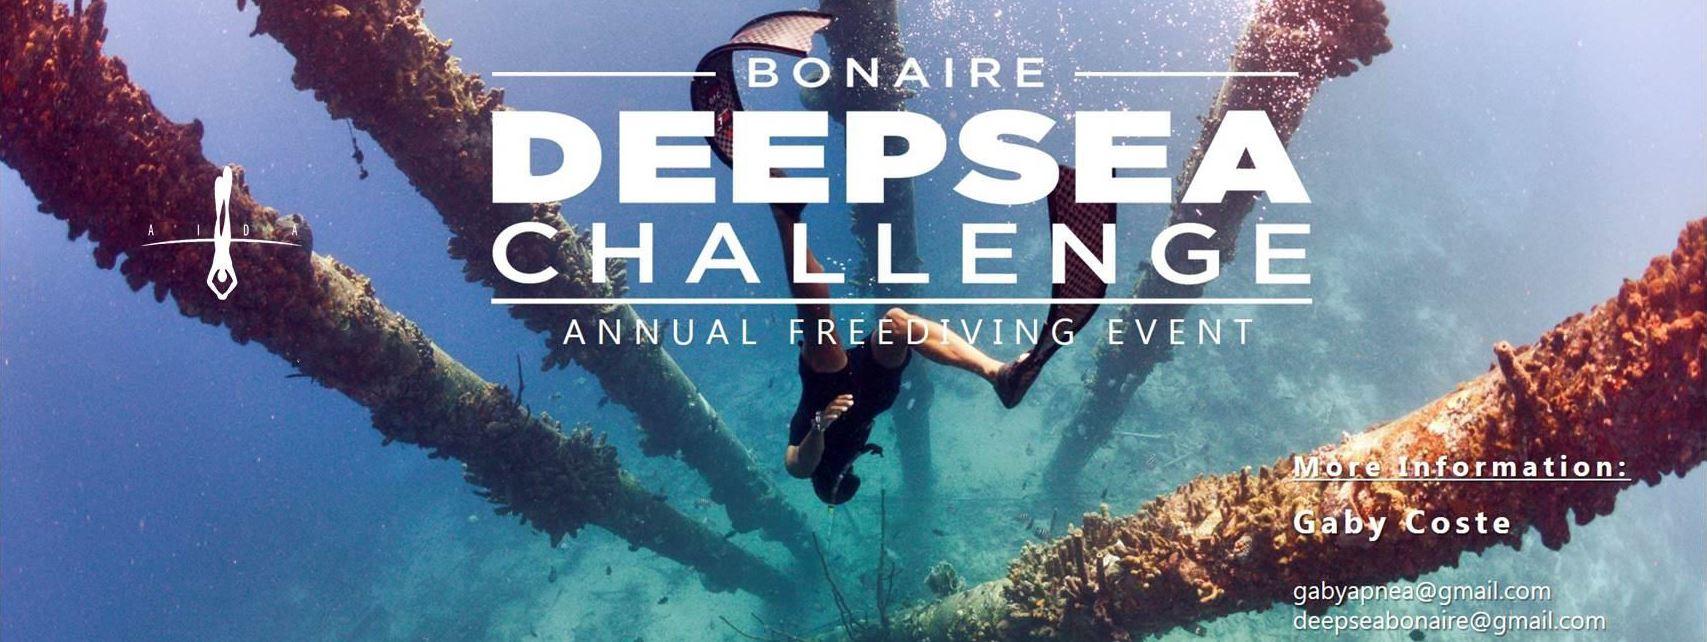 deepseachallenge